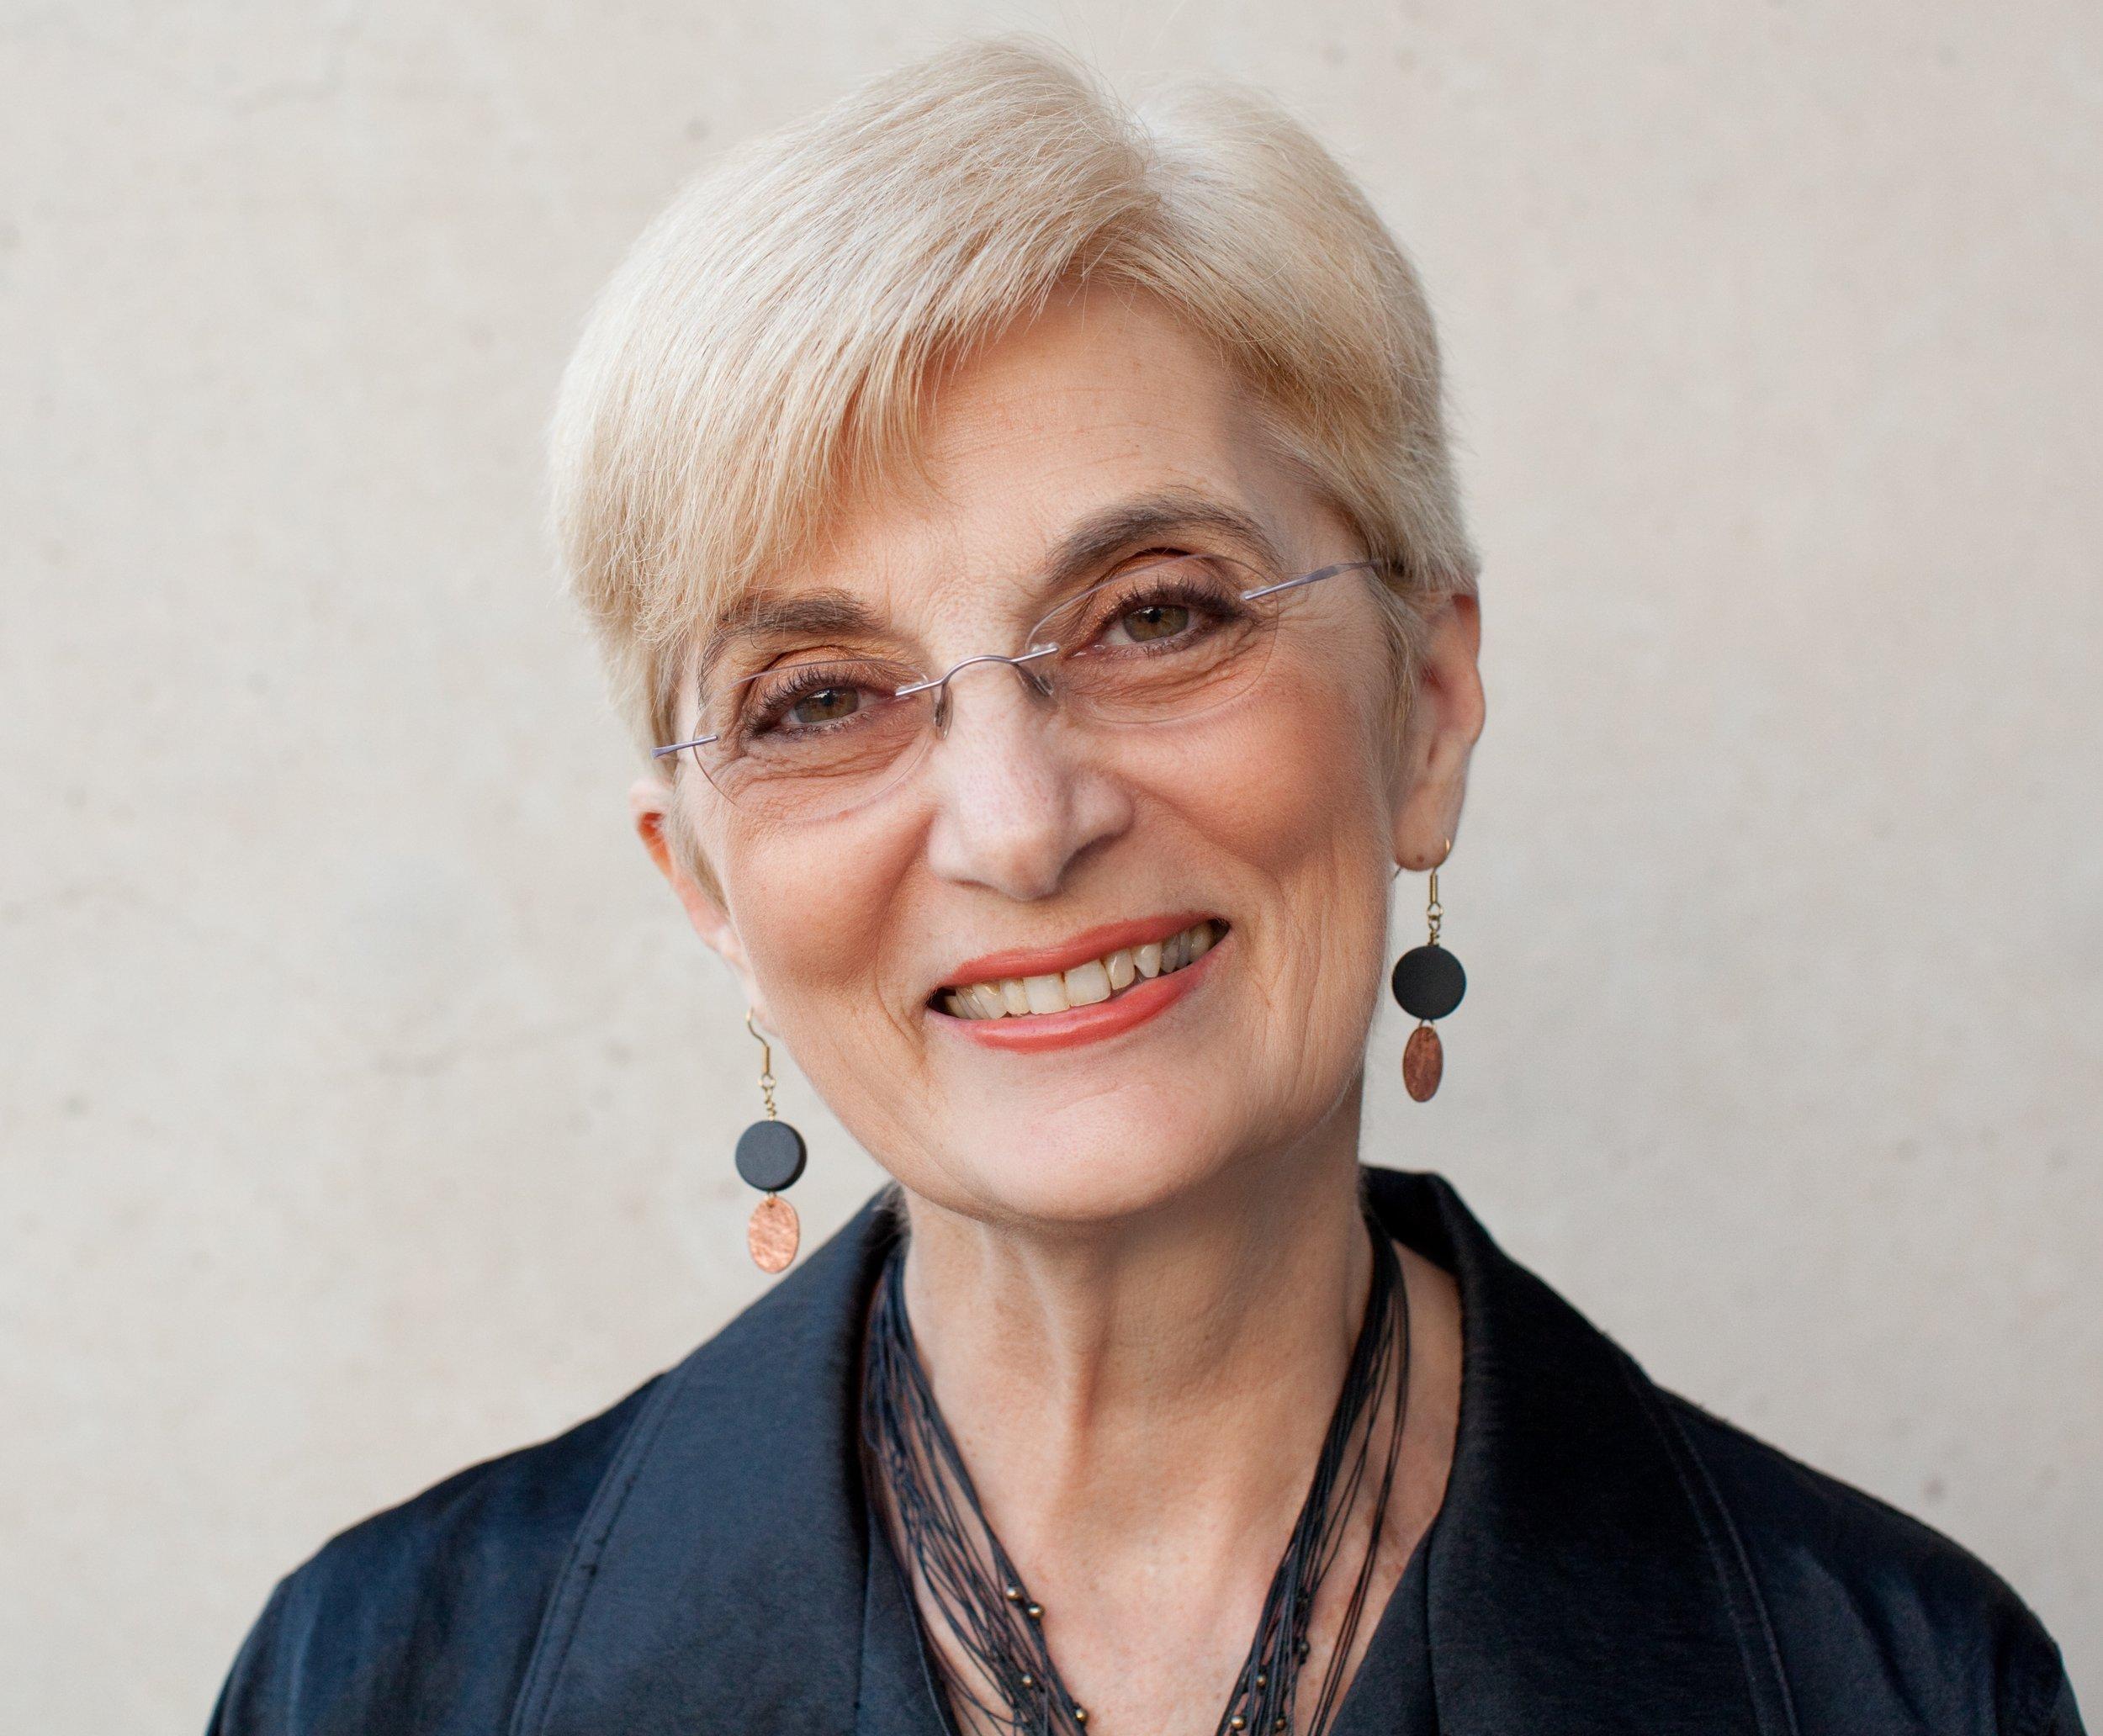 Cynthia Dickstein